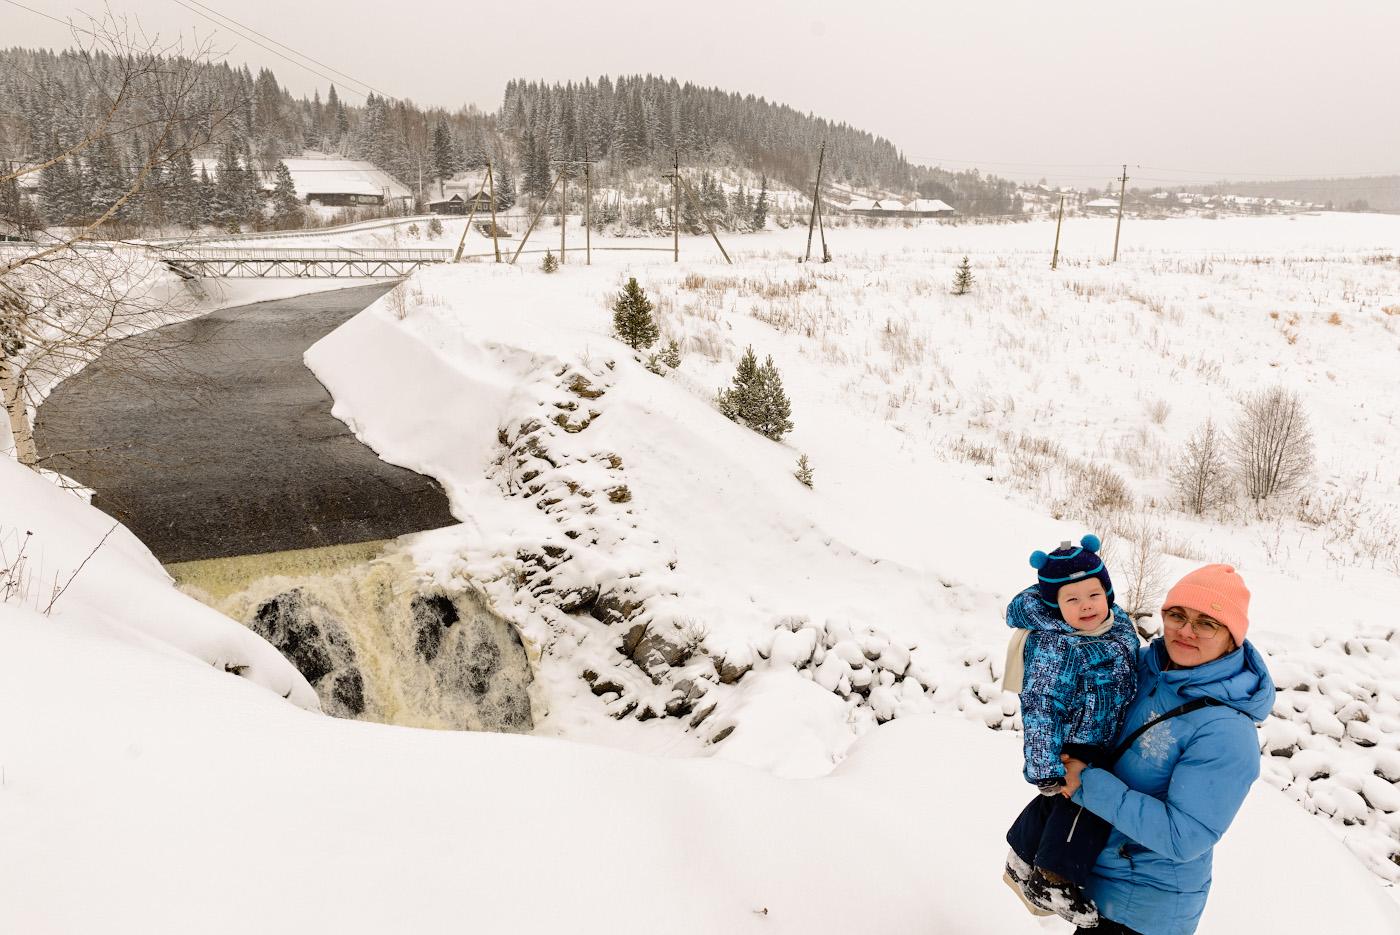 11. Фотосессия на фоне водопада в поселке Висимо-Уткинск. 1/320, 7.1, 400, +0.67, 24.